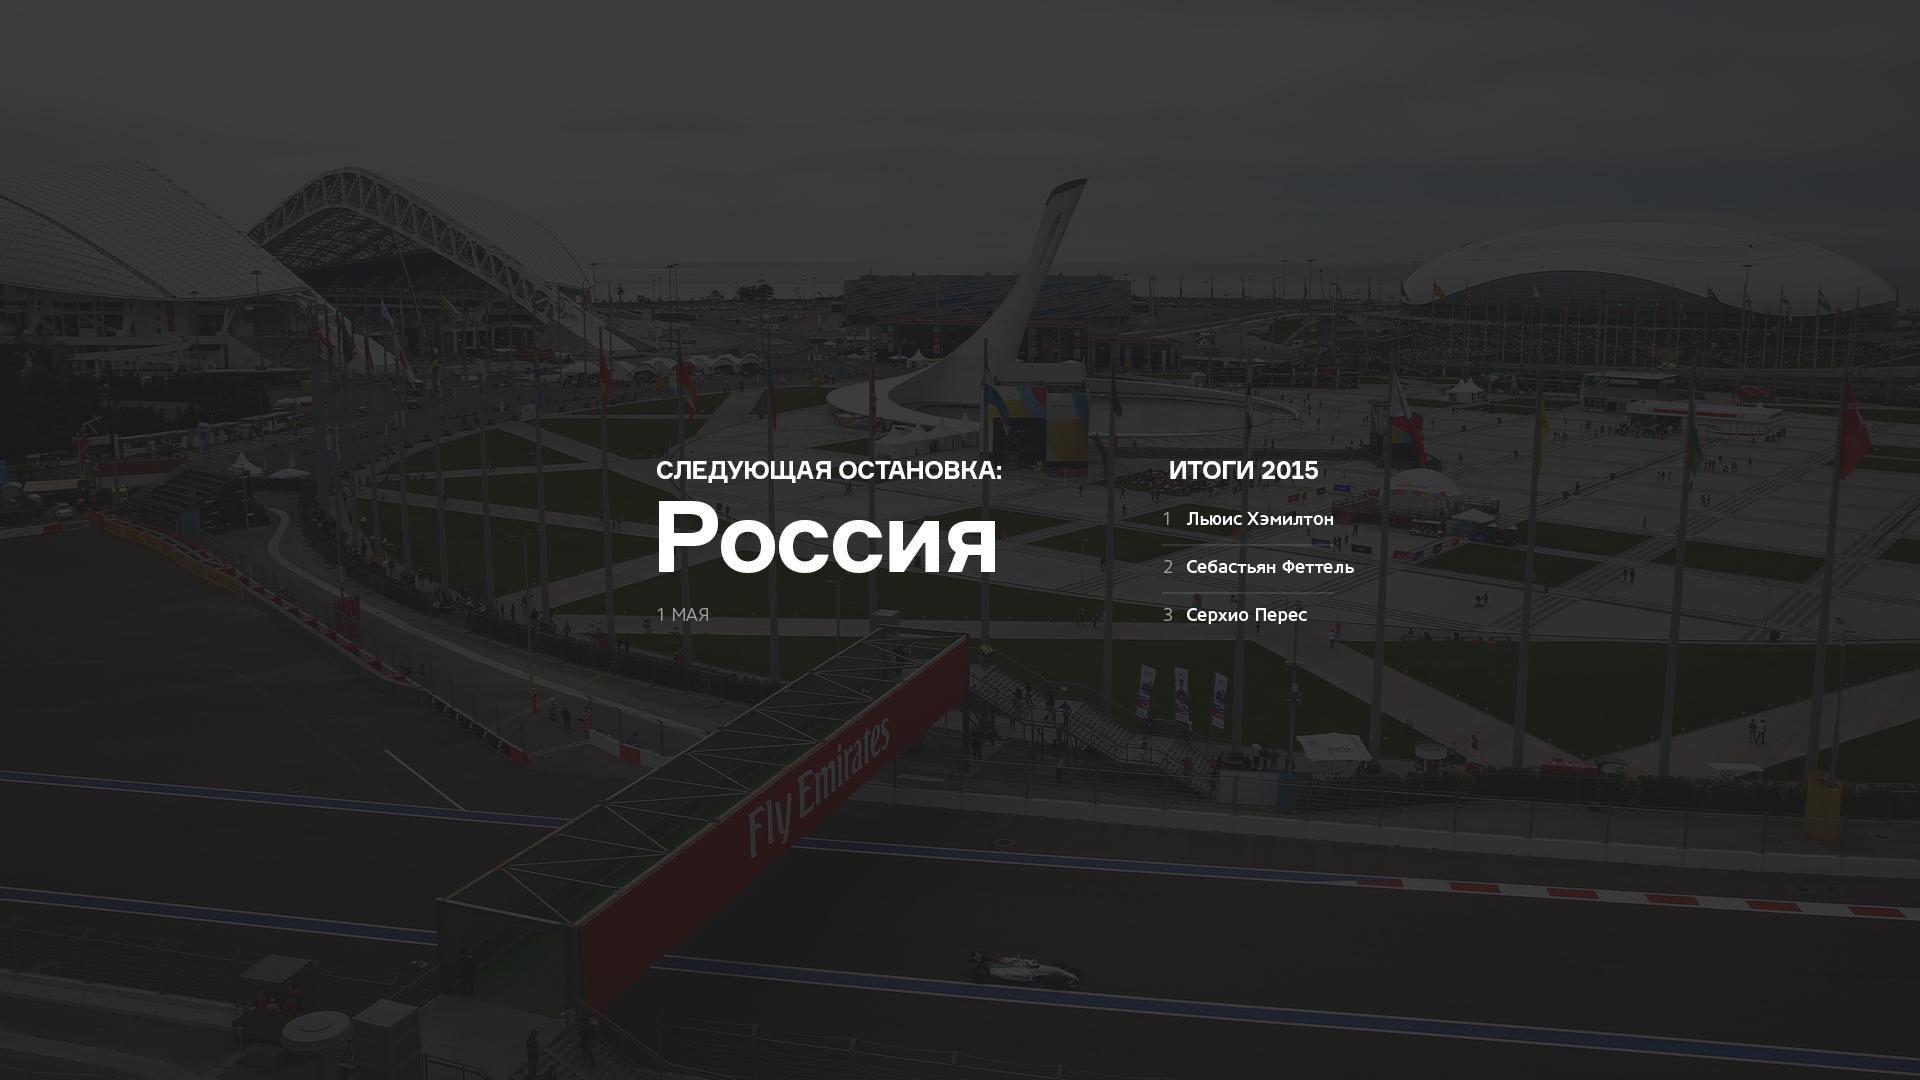 Что произошло на гонке Формулы-1 в Китае. Фото 21